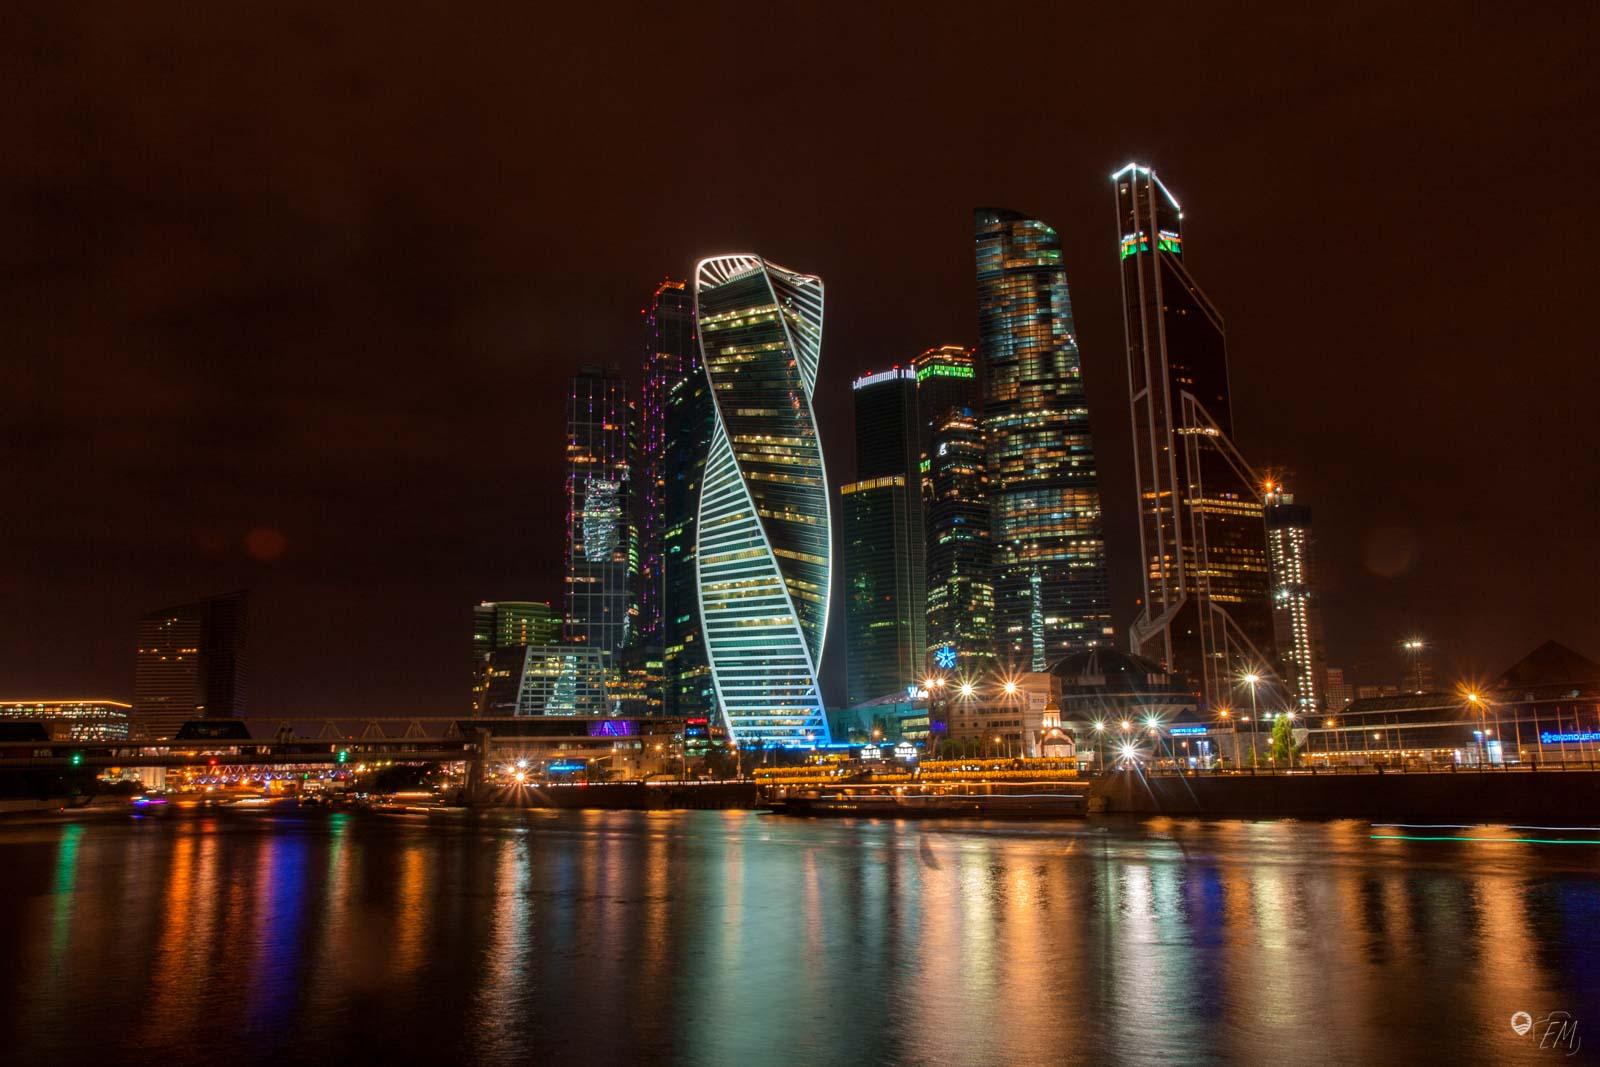 Die leuchtende Skyline von Moskau City zeigt die fortschrittliche Facette der Stadt